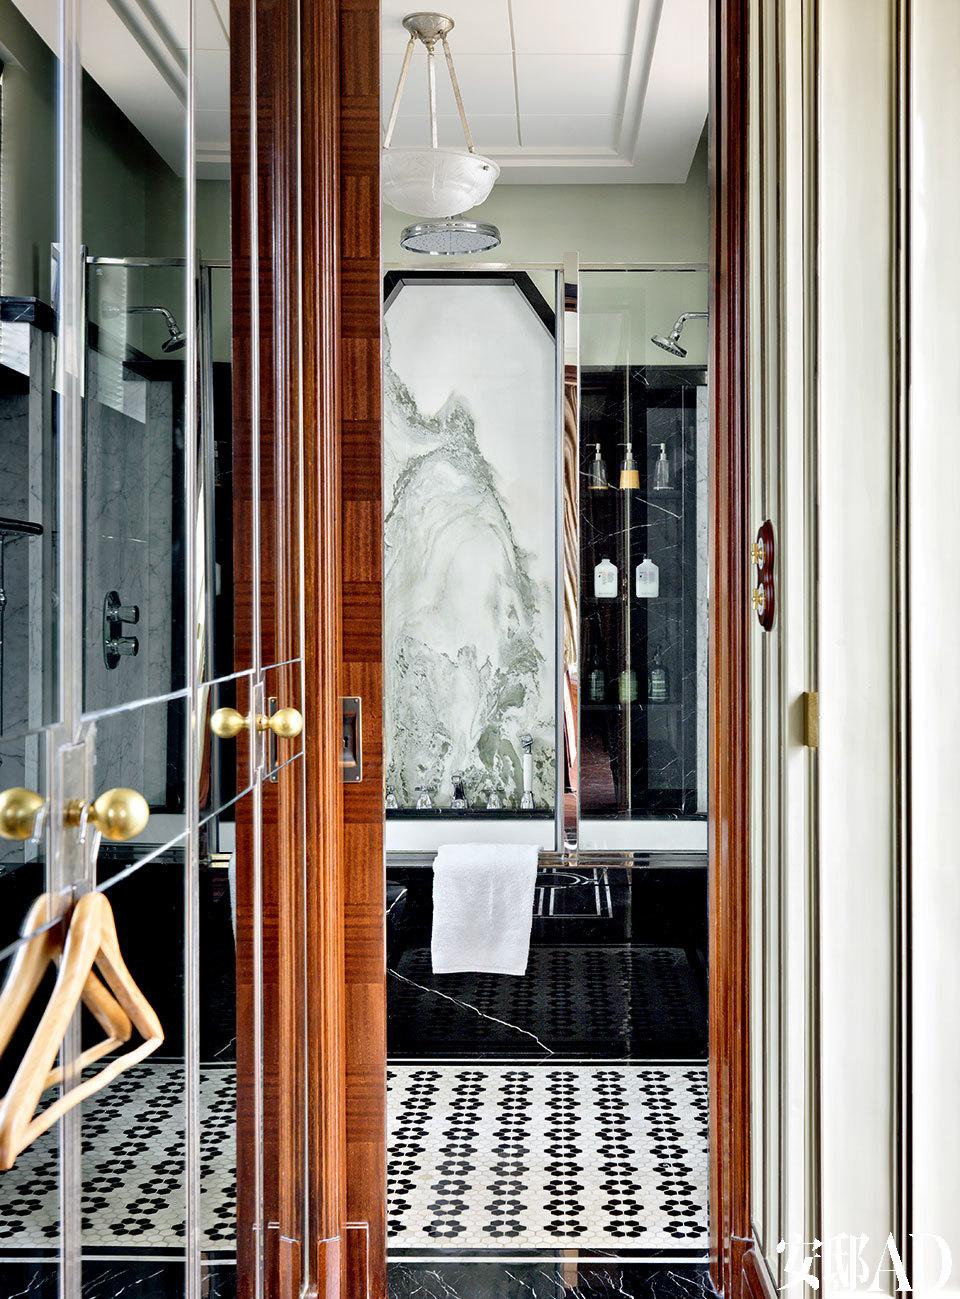 主卧卫生间特意选了一块有山水画图案的大理石作为主视觉,小小的走廊两面上镜子反射出《了不起的盖茨比》中的金碧辉煌。